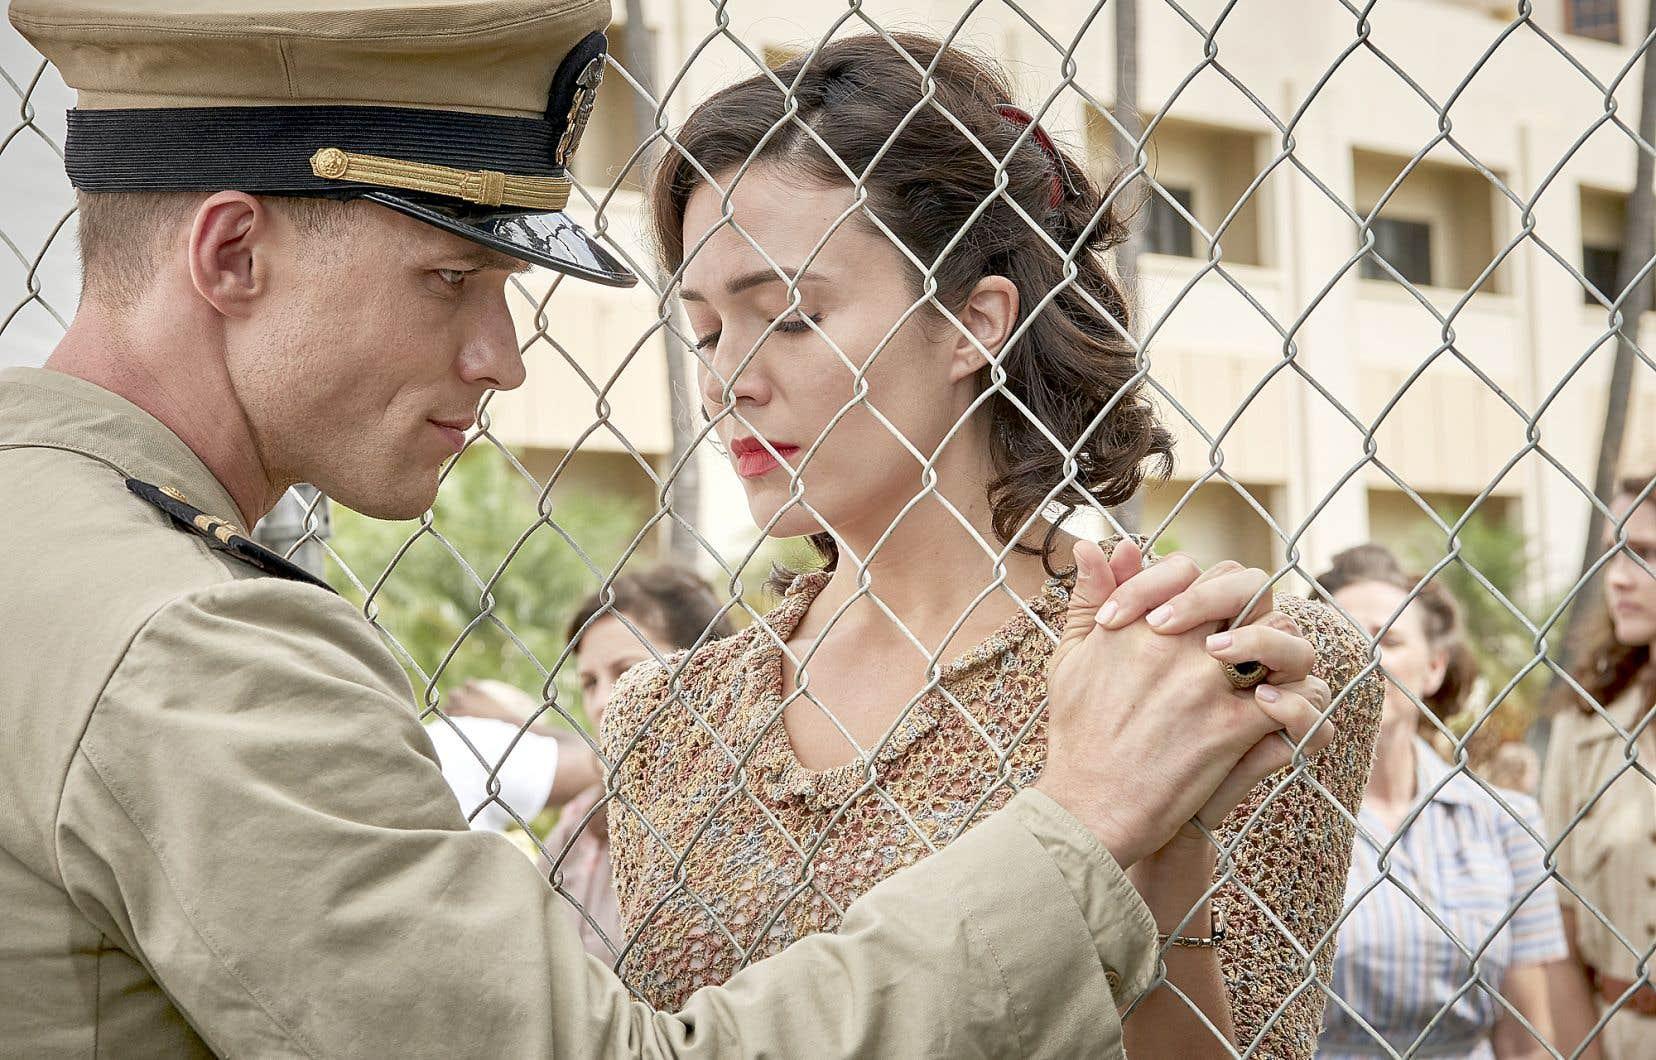 Le dernier long métrage de Roland Emmerich, «Midway», qui se déroule pendant la Seconde Guerre mondiale, a été tourné à Montréal.